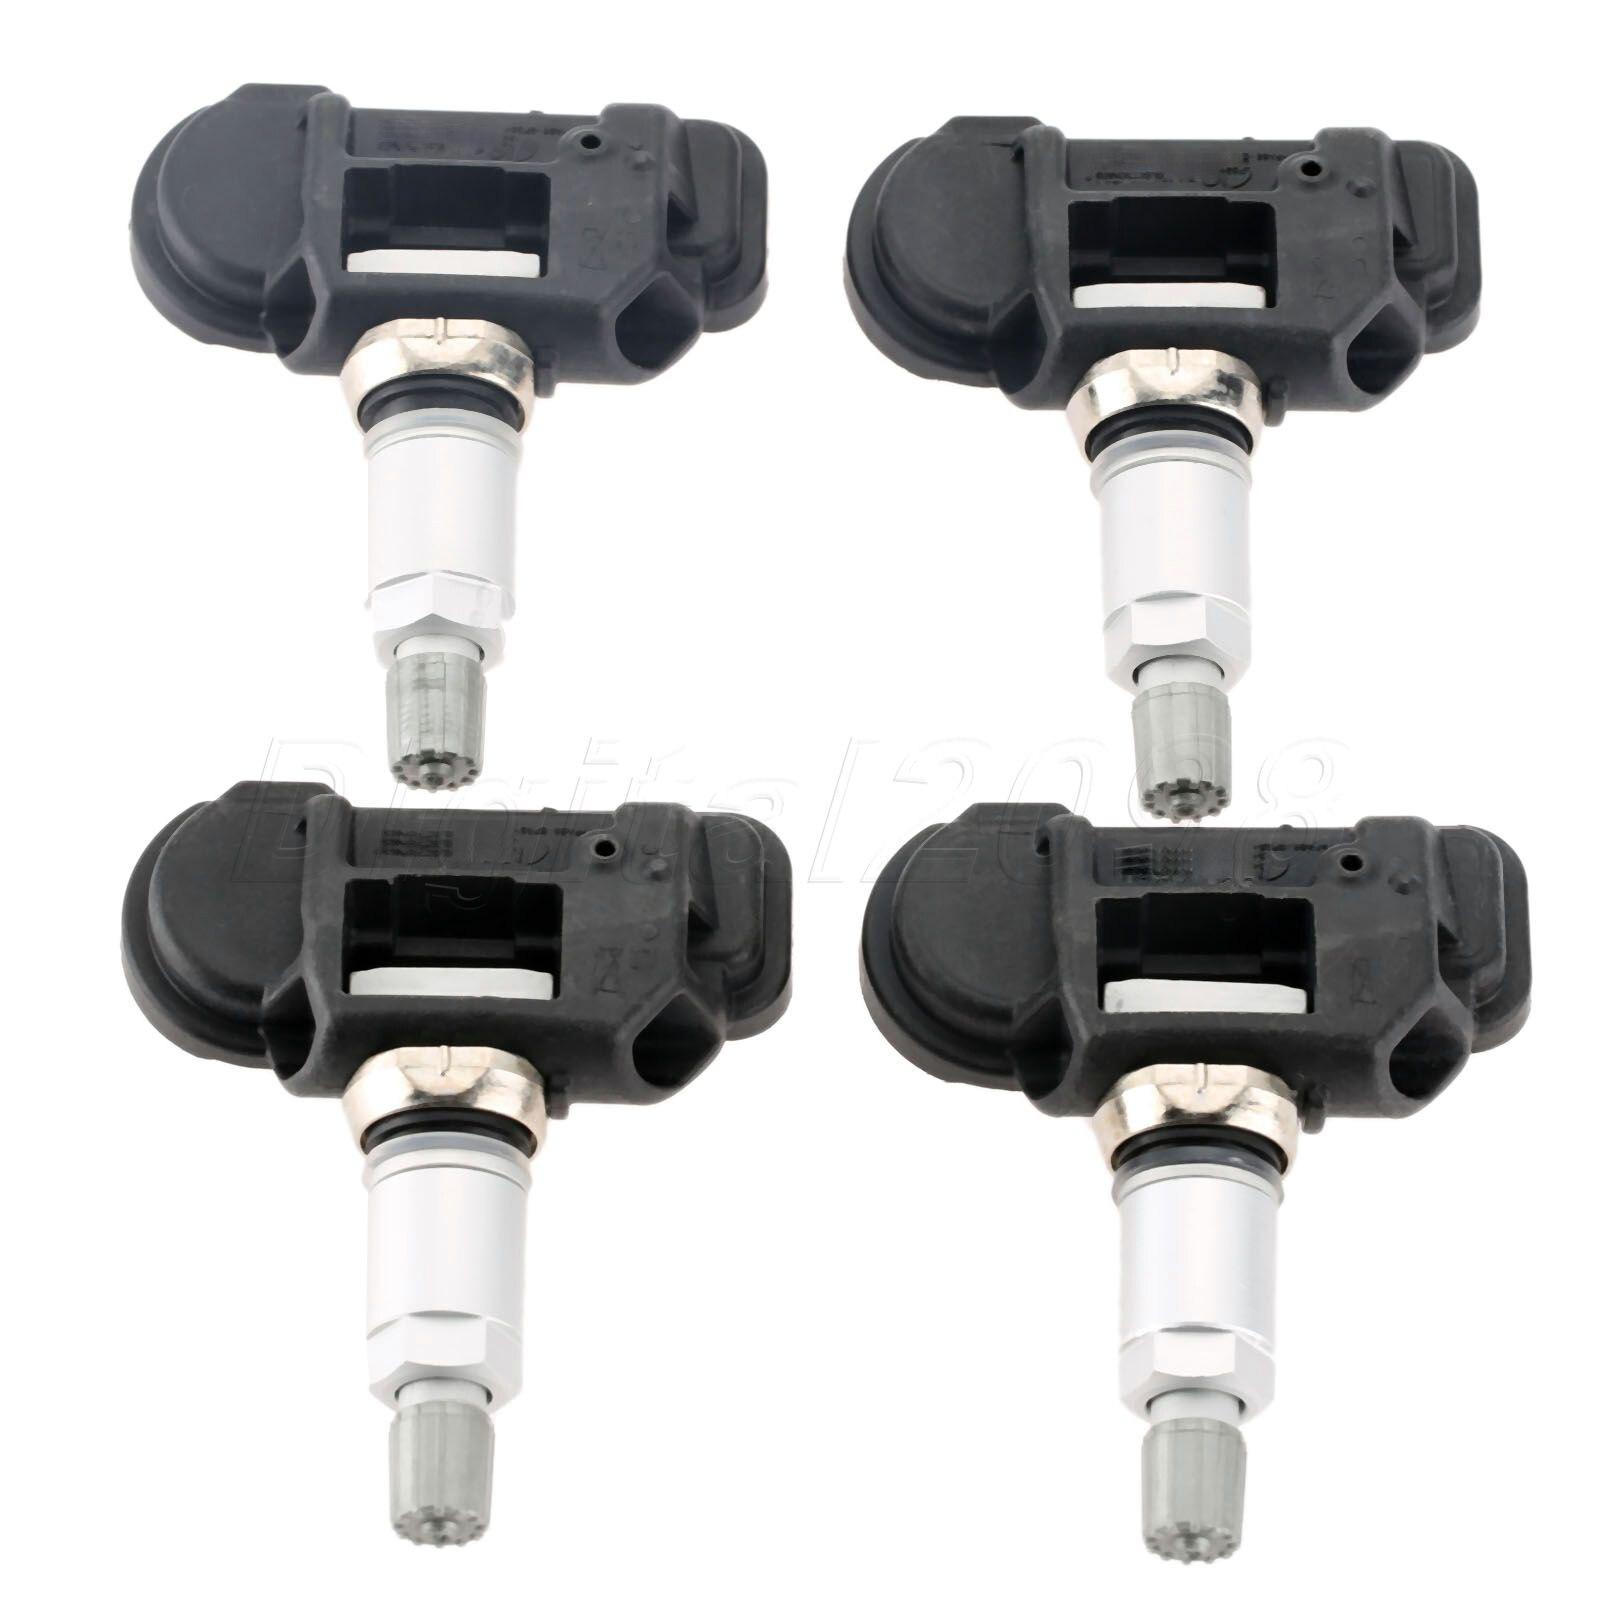 Yetaha 4 pcs Haute Qualité Nouvelle-Original Capteur de Pression des Pneus TPMS Capteur Pour Mercedes GLA X156 0009050030 A0009050030 433 mhz